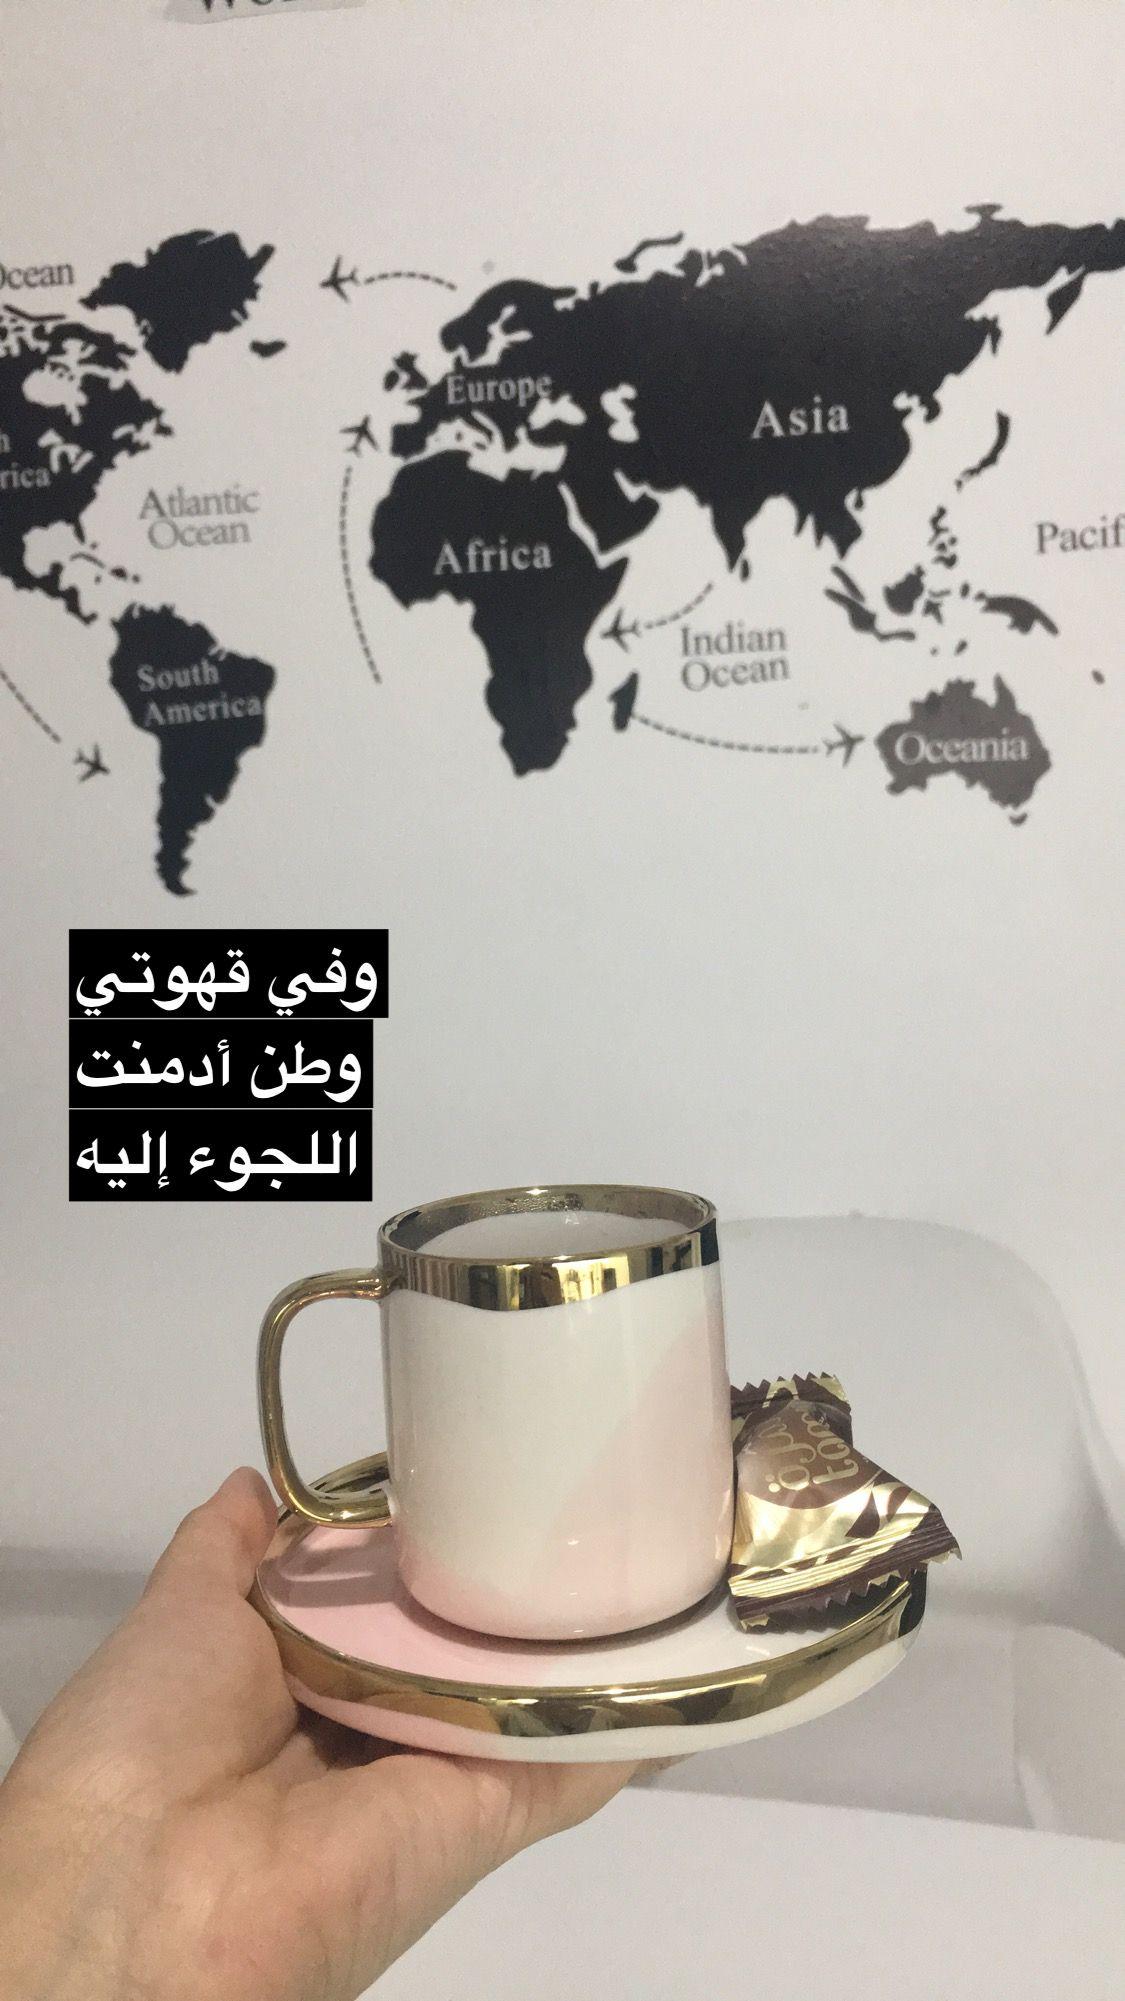 عشاق القهوة عبارات عن القهوة بالانجليزي مترجمه